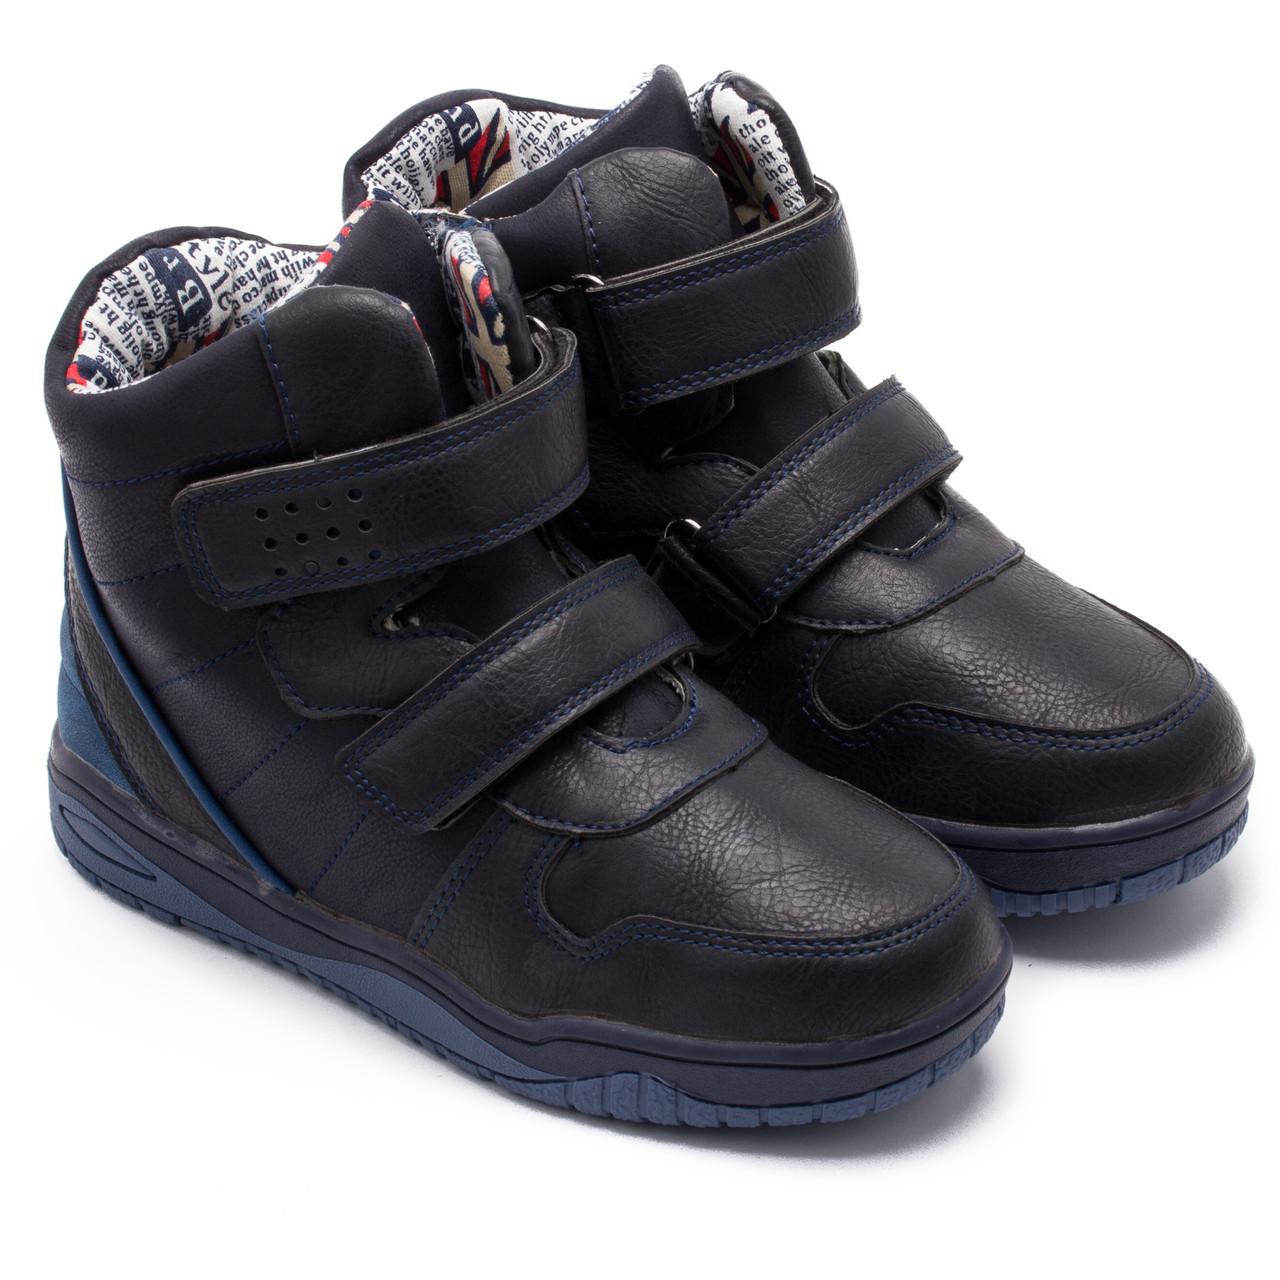 b6593e717 Синие ботинки ТМ